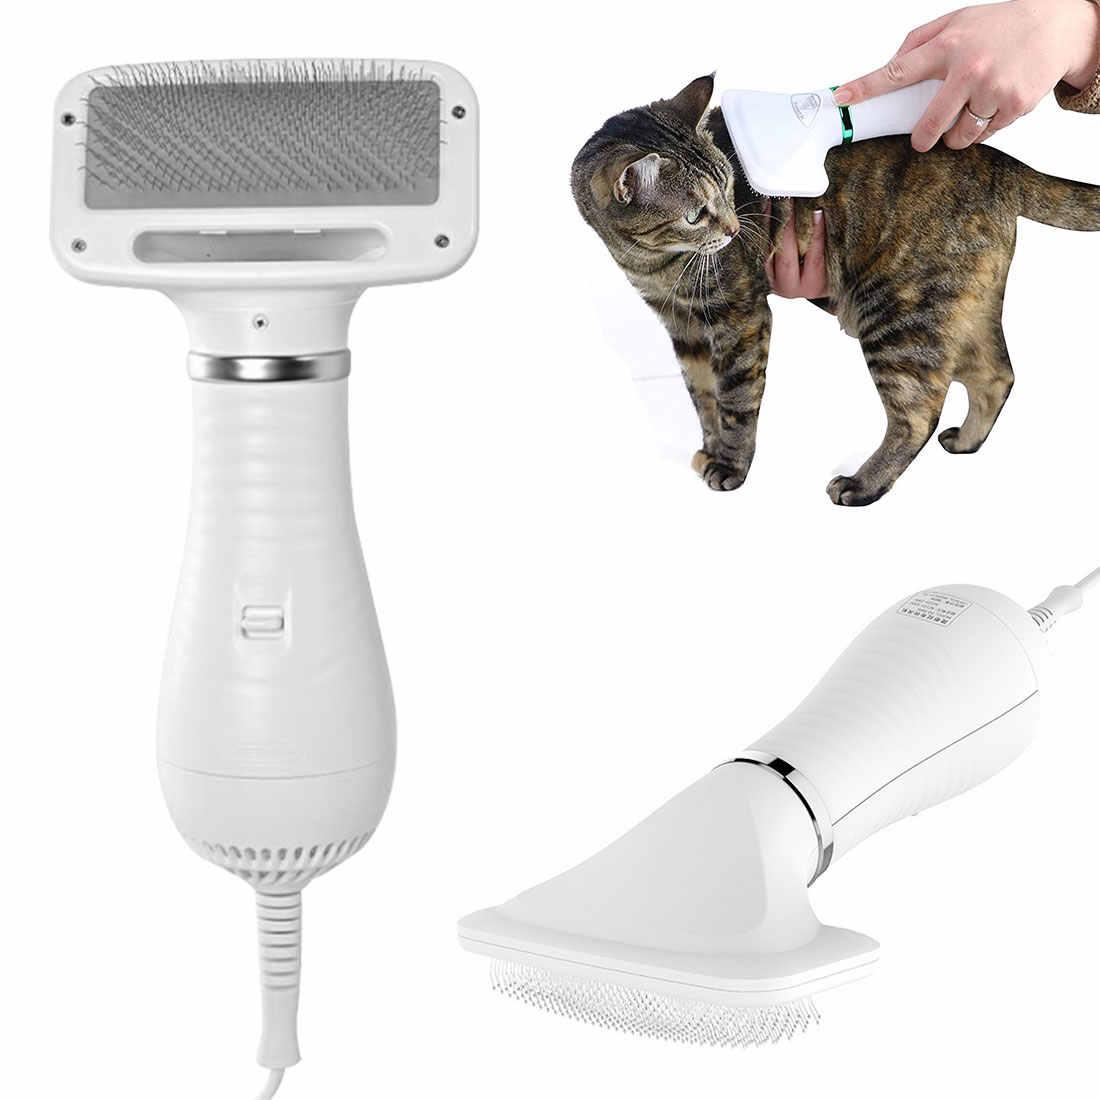 2 في 1 الكلب مجفف الشعر الفراء منفاخ درجة حرارة منخفضة والضوضاء الحيوانات الأليفة الشعر مشط التبرج للكلاب القطط إزالة فرشاة تسريح الحيوانات أدوات